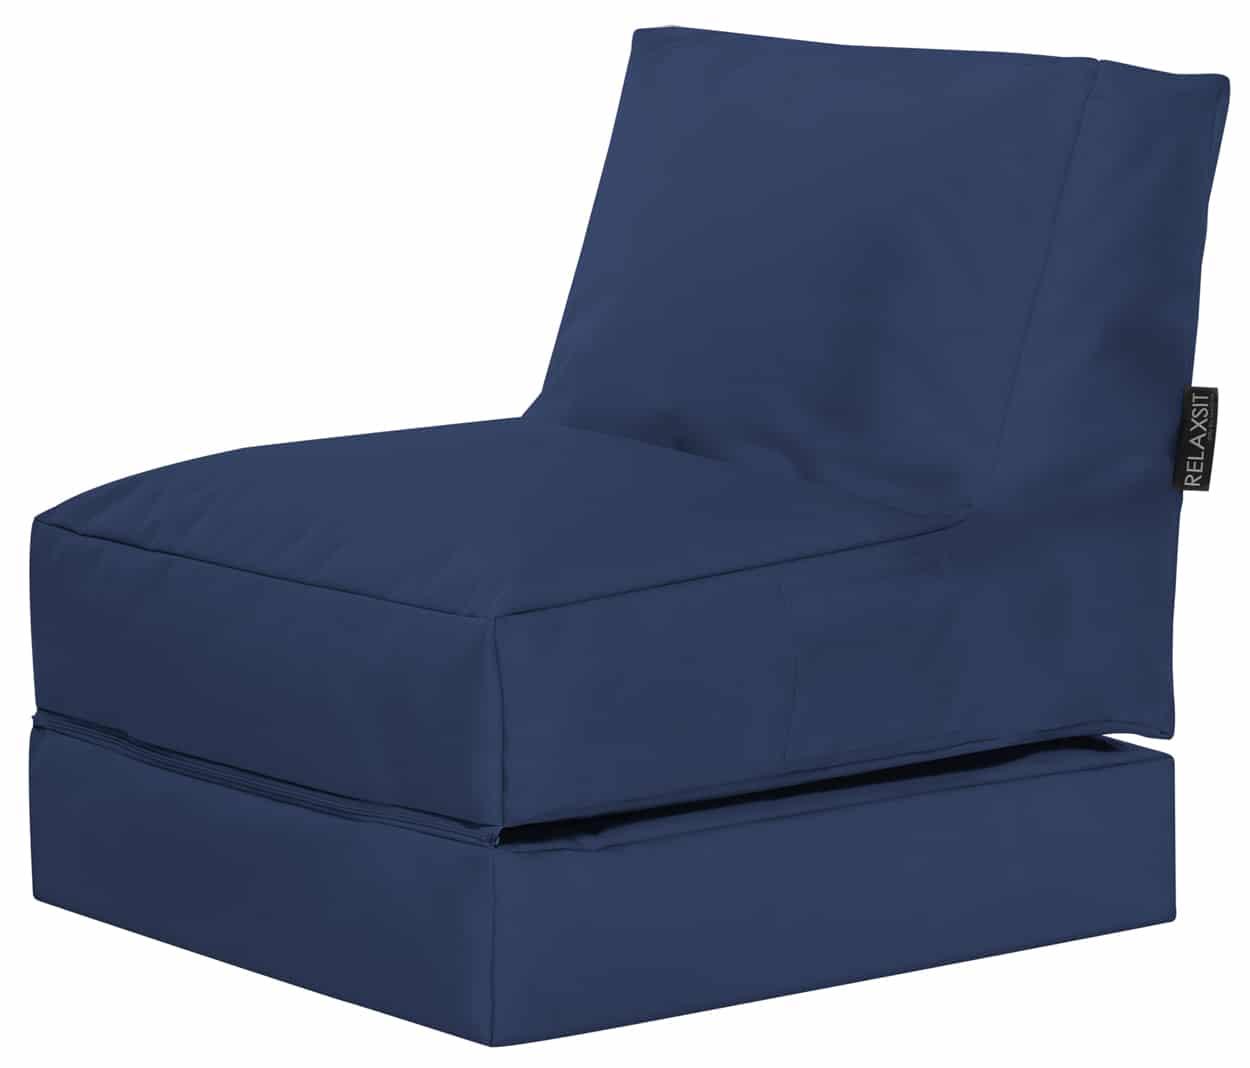 Zitzak Kleur Blauw.Lounge Zitzak Blauw Voor Buiten Sitting Bags